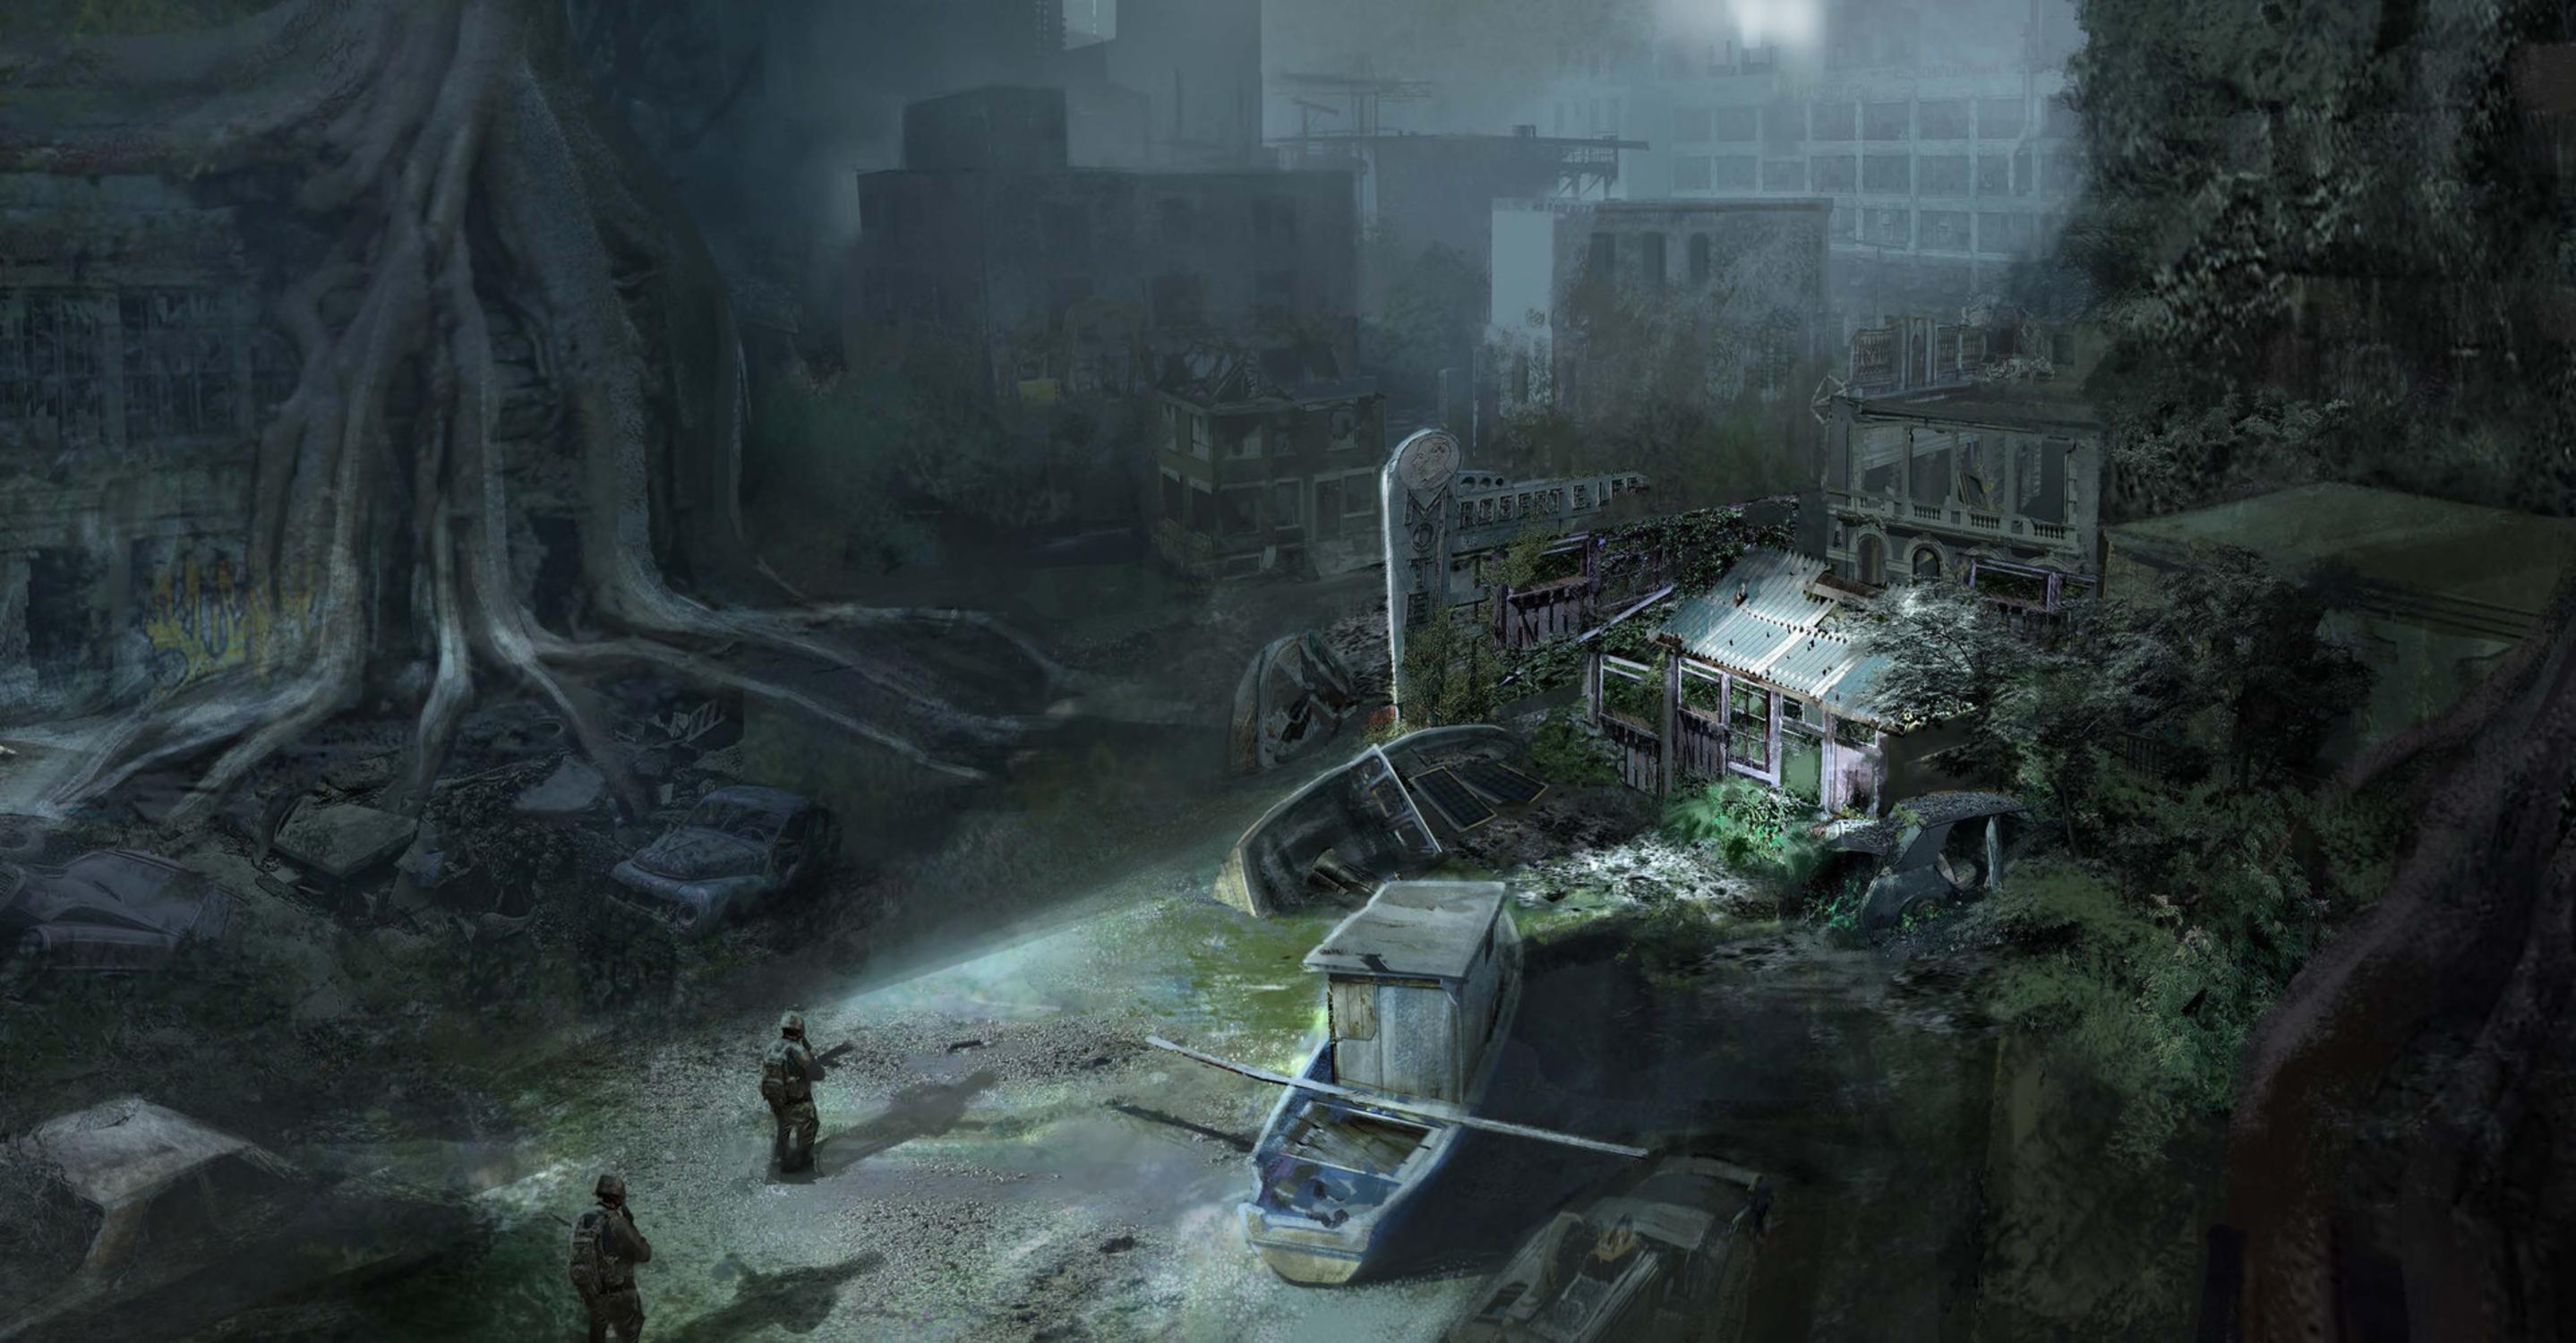 Ruins Artwork by Qianjiao Ma